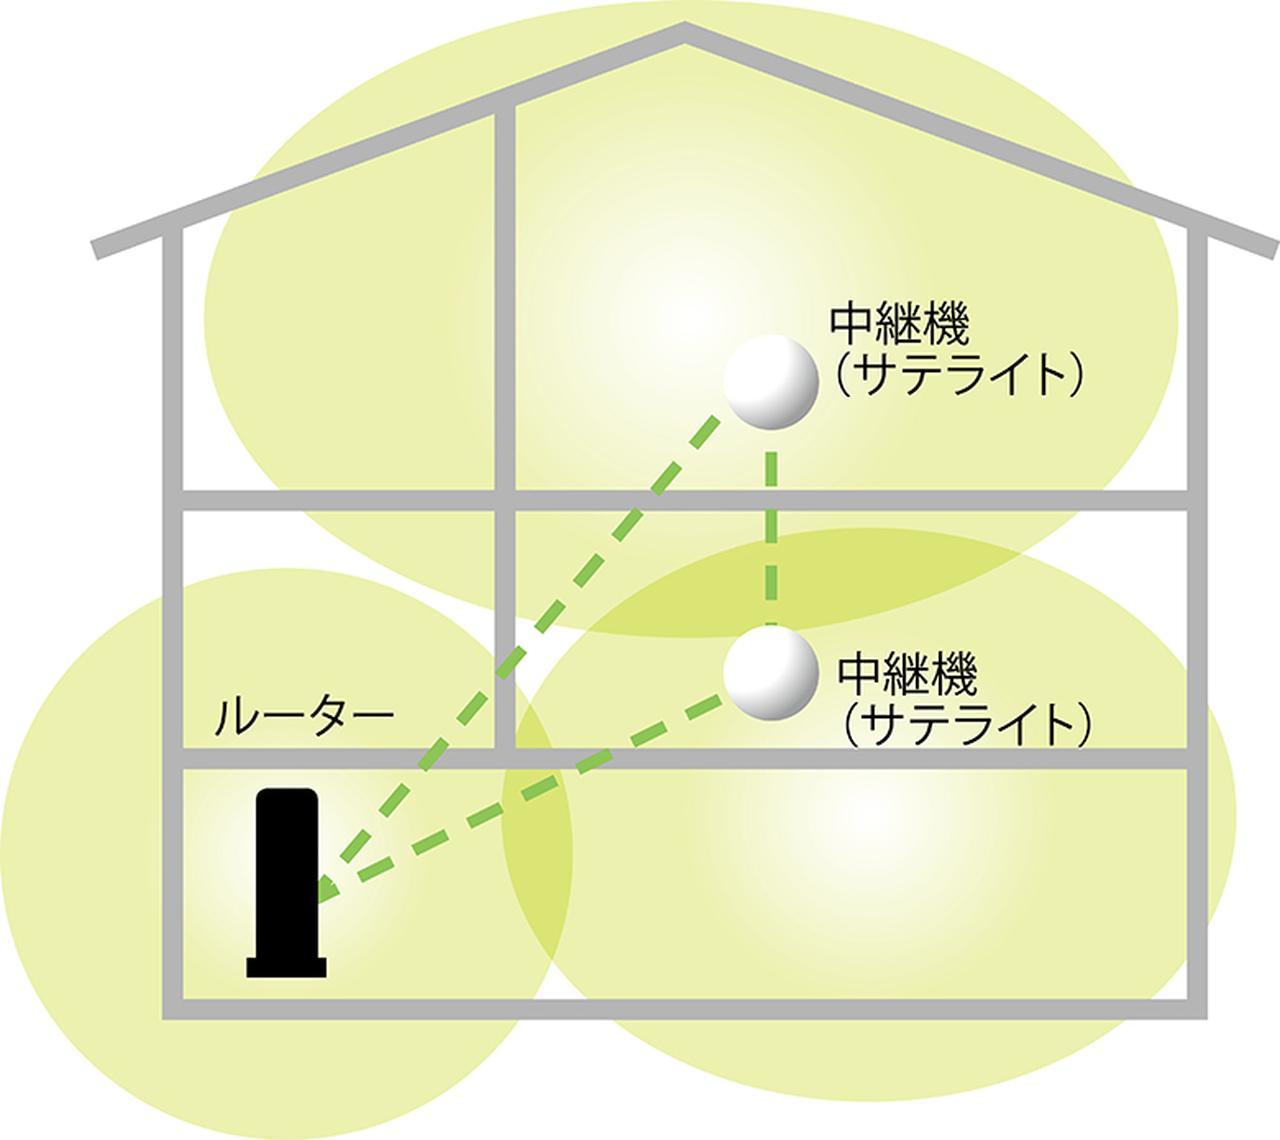 画像: 従来のWi-Fiルーターと中継機の組み合わせに比べ、メッシュは全体が一つのネットワークとして機能するので、効率がいい通信が可能だ。